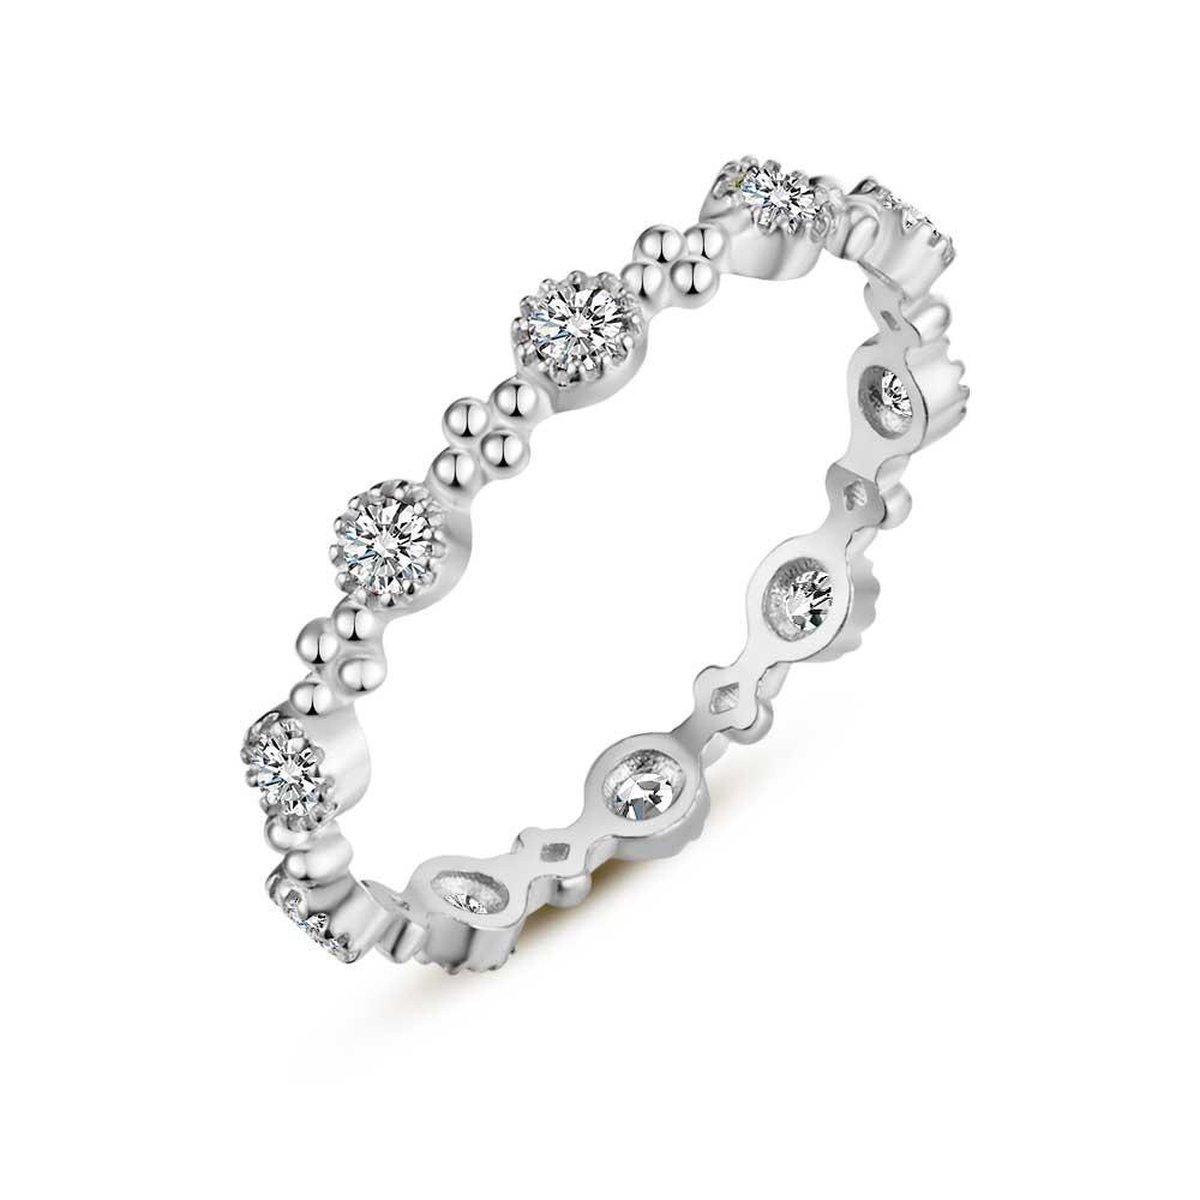 Twice As Nice Ring in zilver, witte zirkonia, 4 bolletjes  50